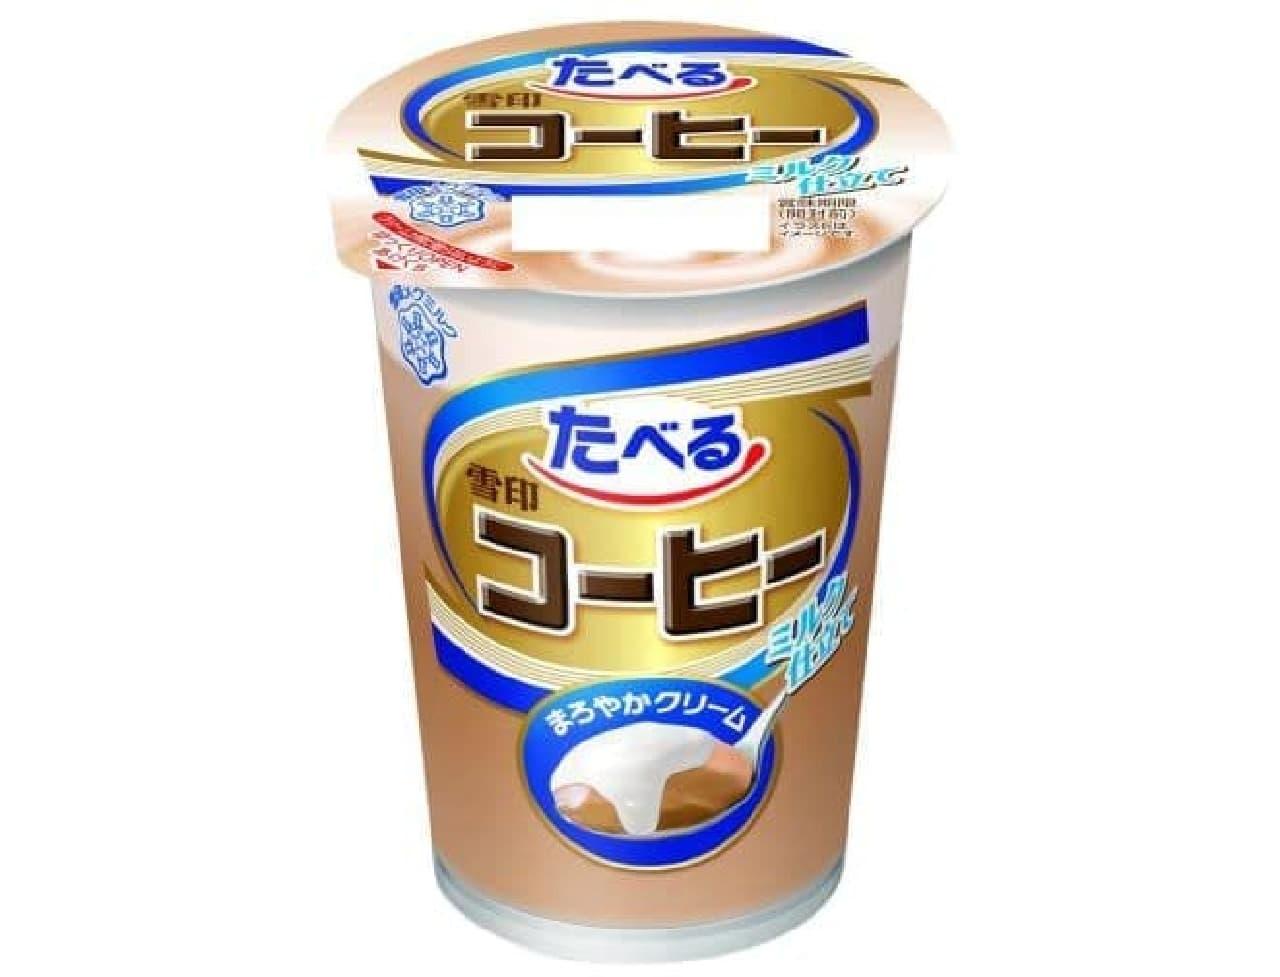 雪印メグミルク「たべる雪印コーヒー ミルク仕立て」